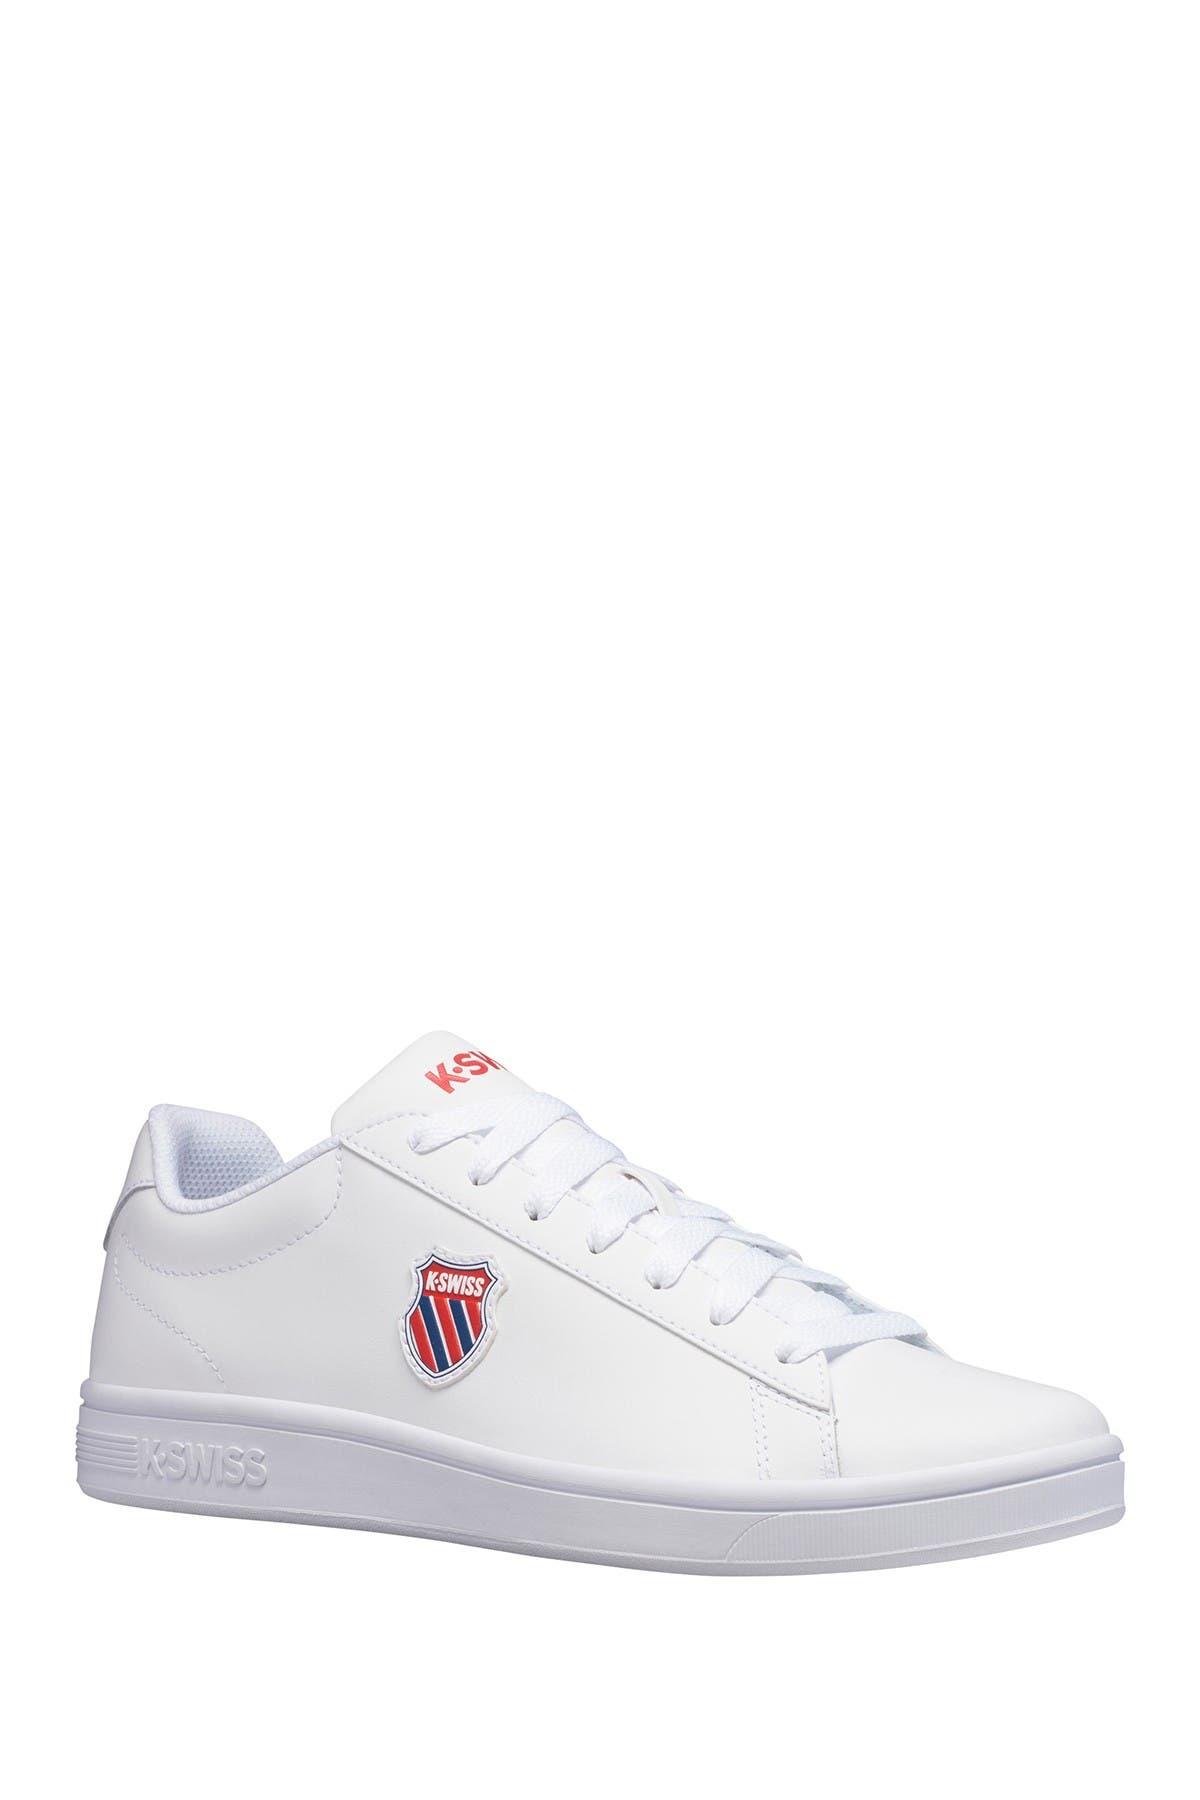 Image of K-Swiss Court Shield Sneaker